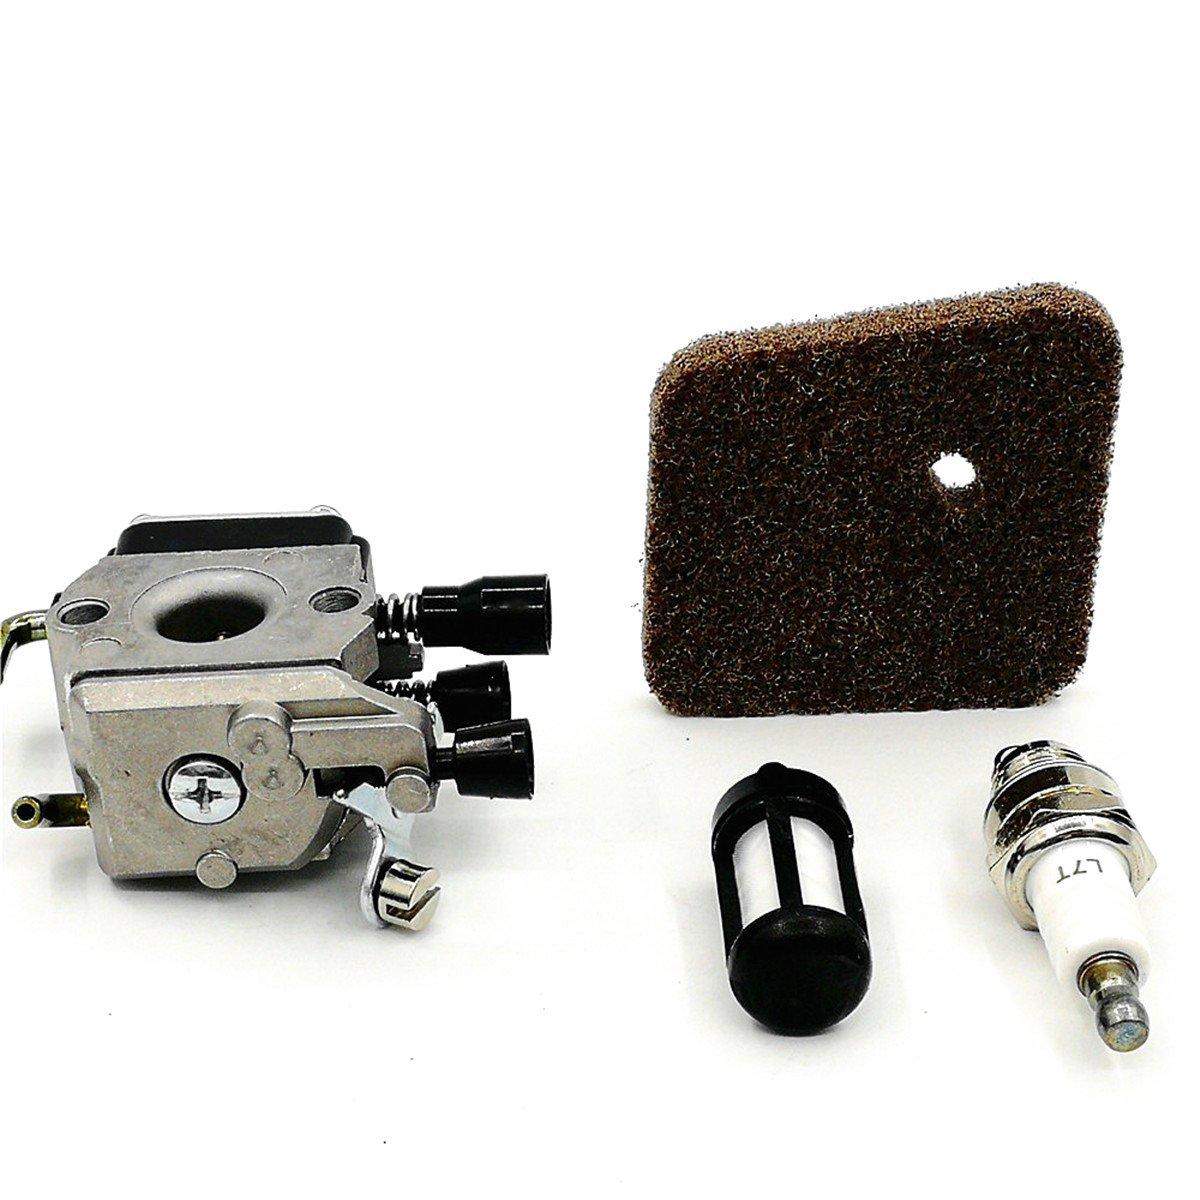 Shioshen Filtro del Carburante Carb Aria carburatore per STIHL FS38 FS45 FS55 FC55 FS74 FS75 FS76 FS80 FS85 KM80 ZAMA C1Q Serie Trimmer Parti